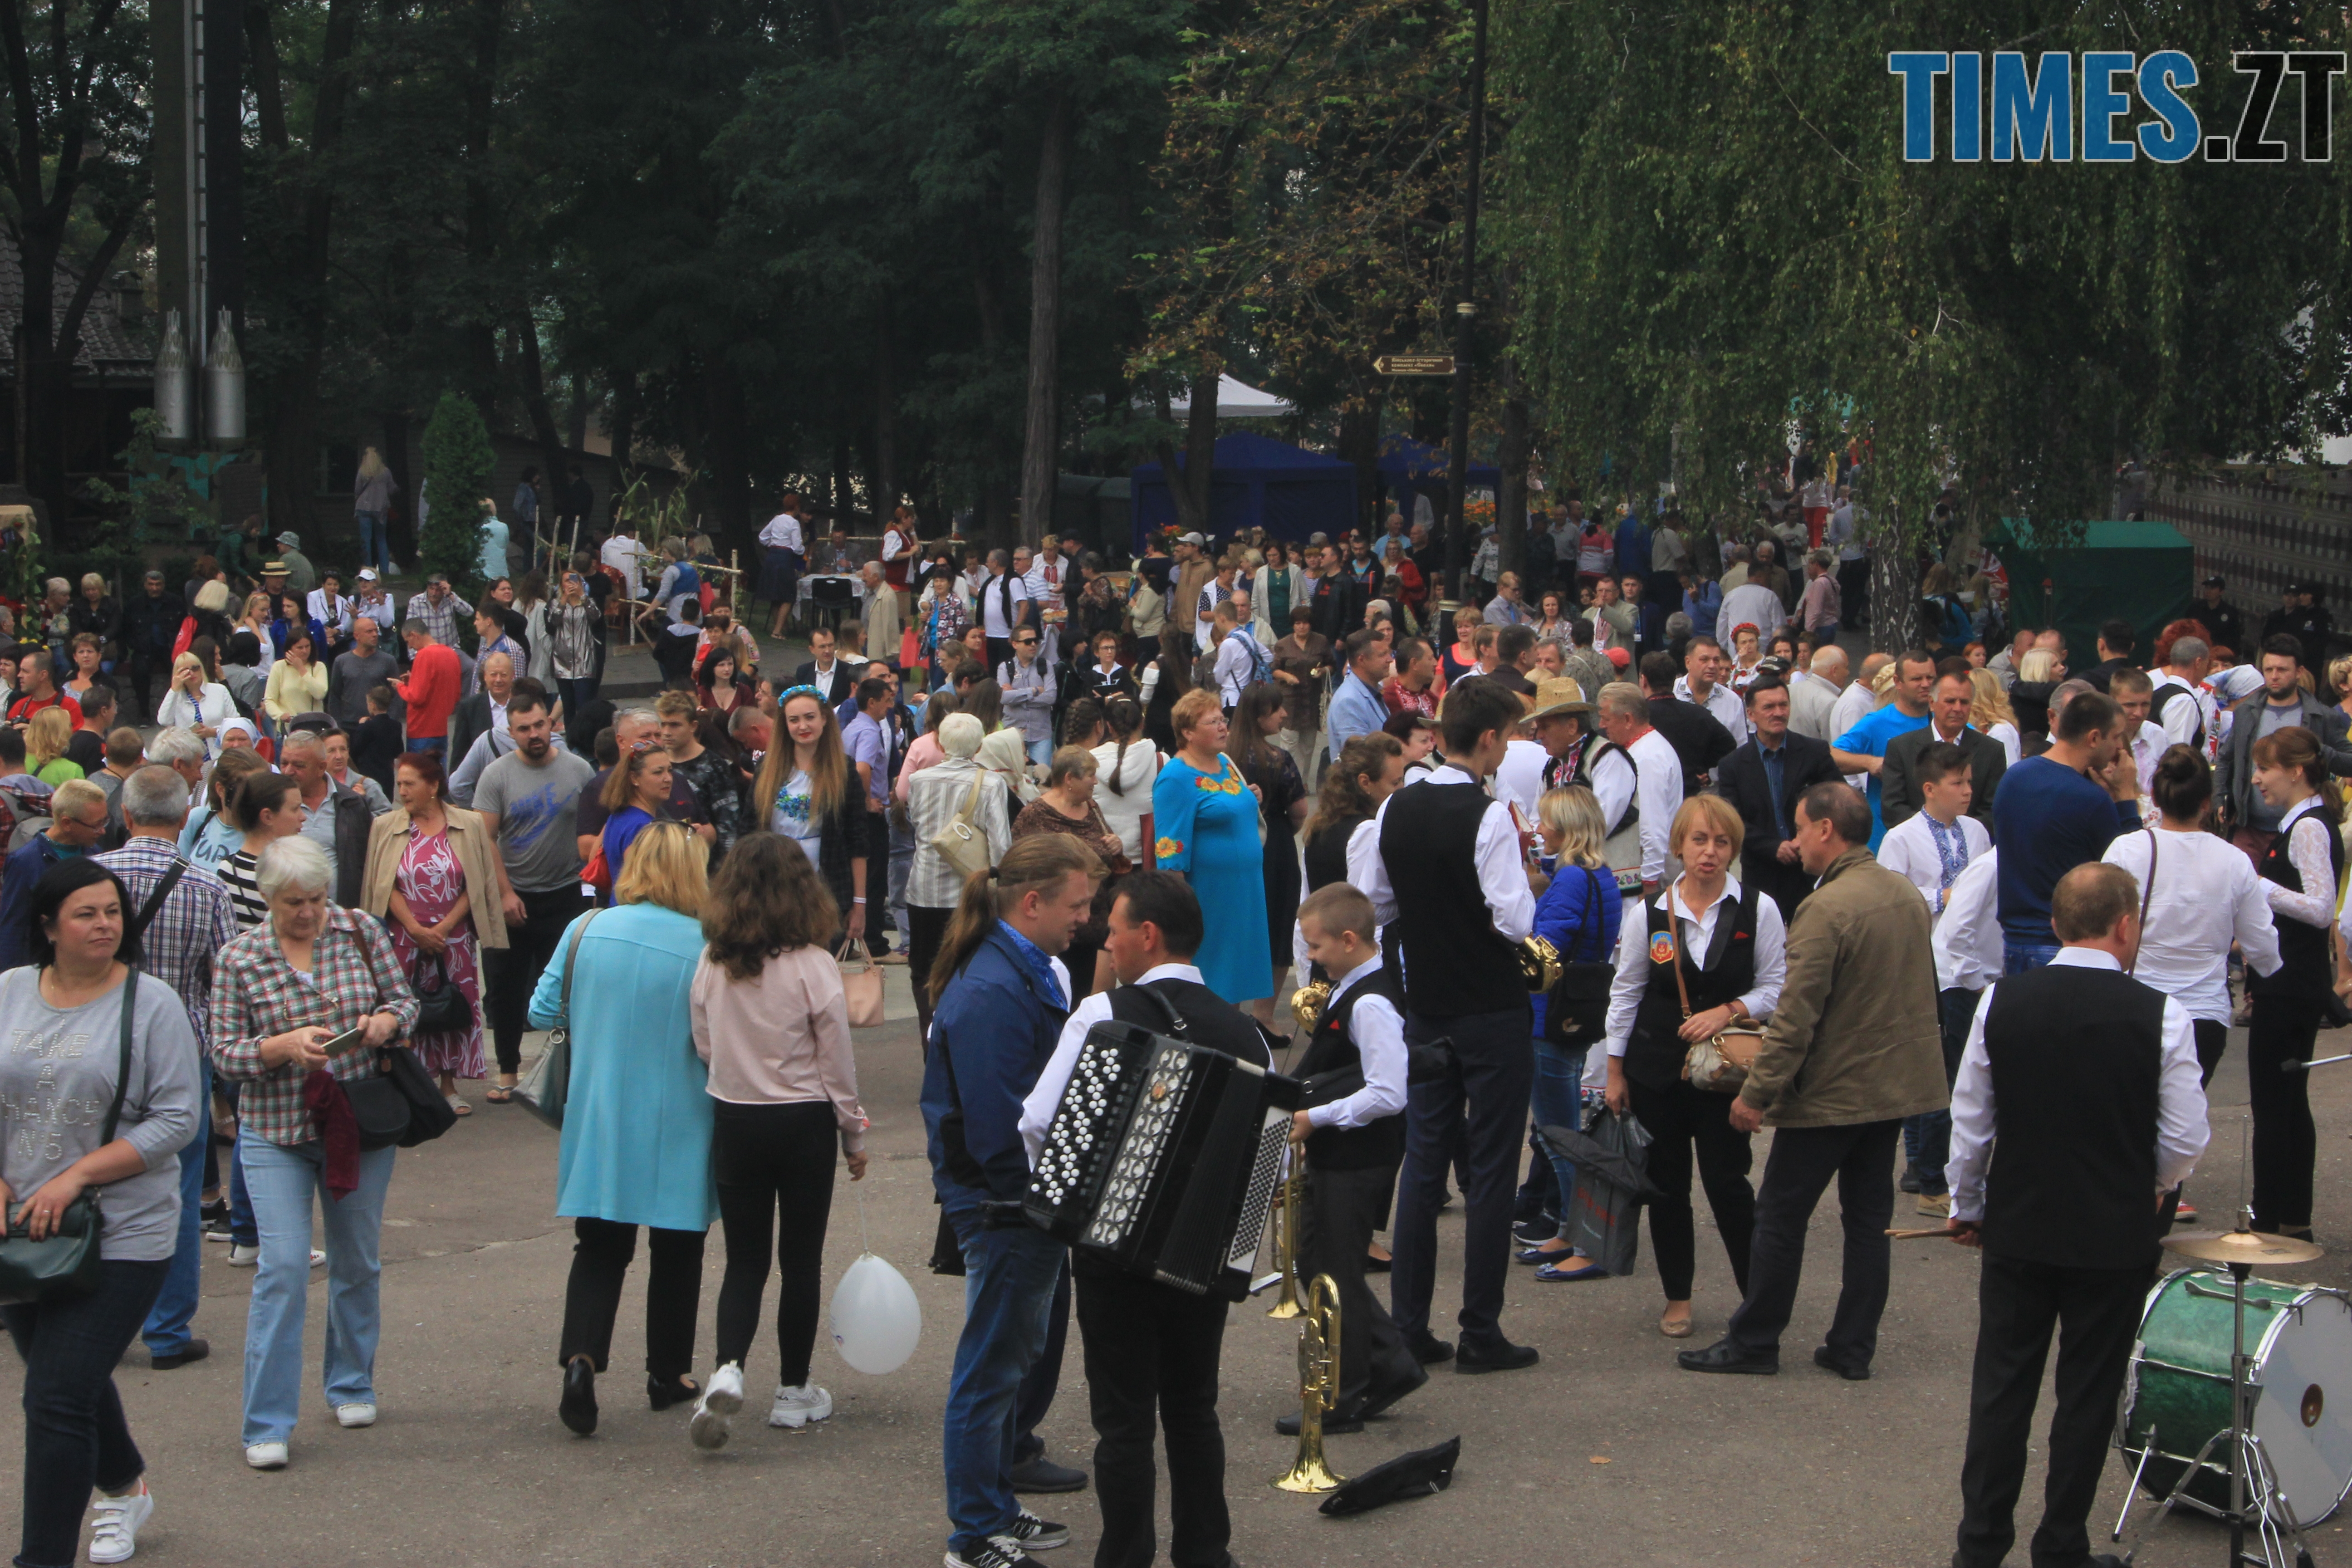 IMG 7571 - Десятий фестиваль дерунів: насмажили чимало, показали найбільшого в країні і побили ним всі рекорди (ФОТОРЕПОРТАЖ)